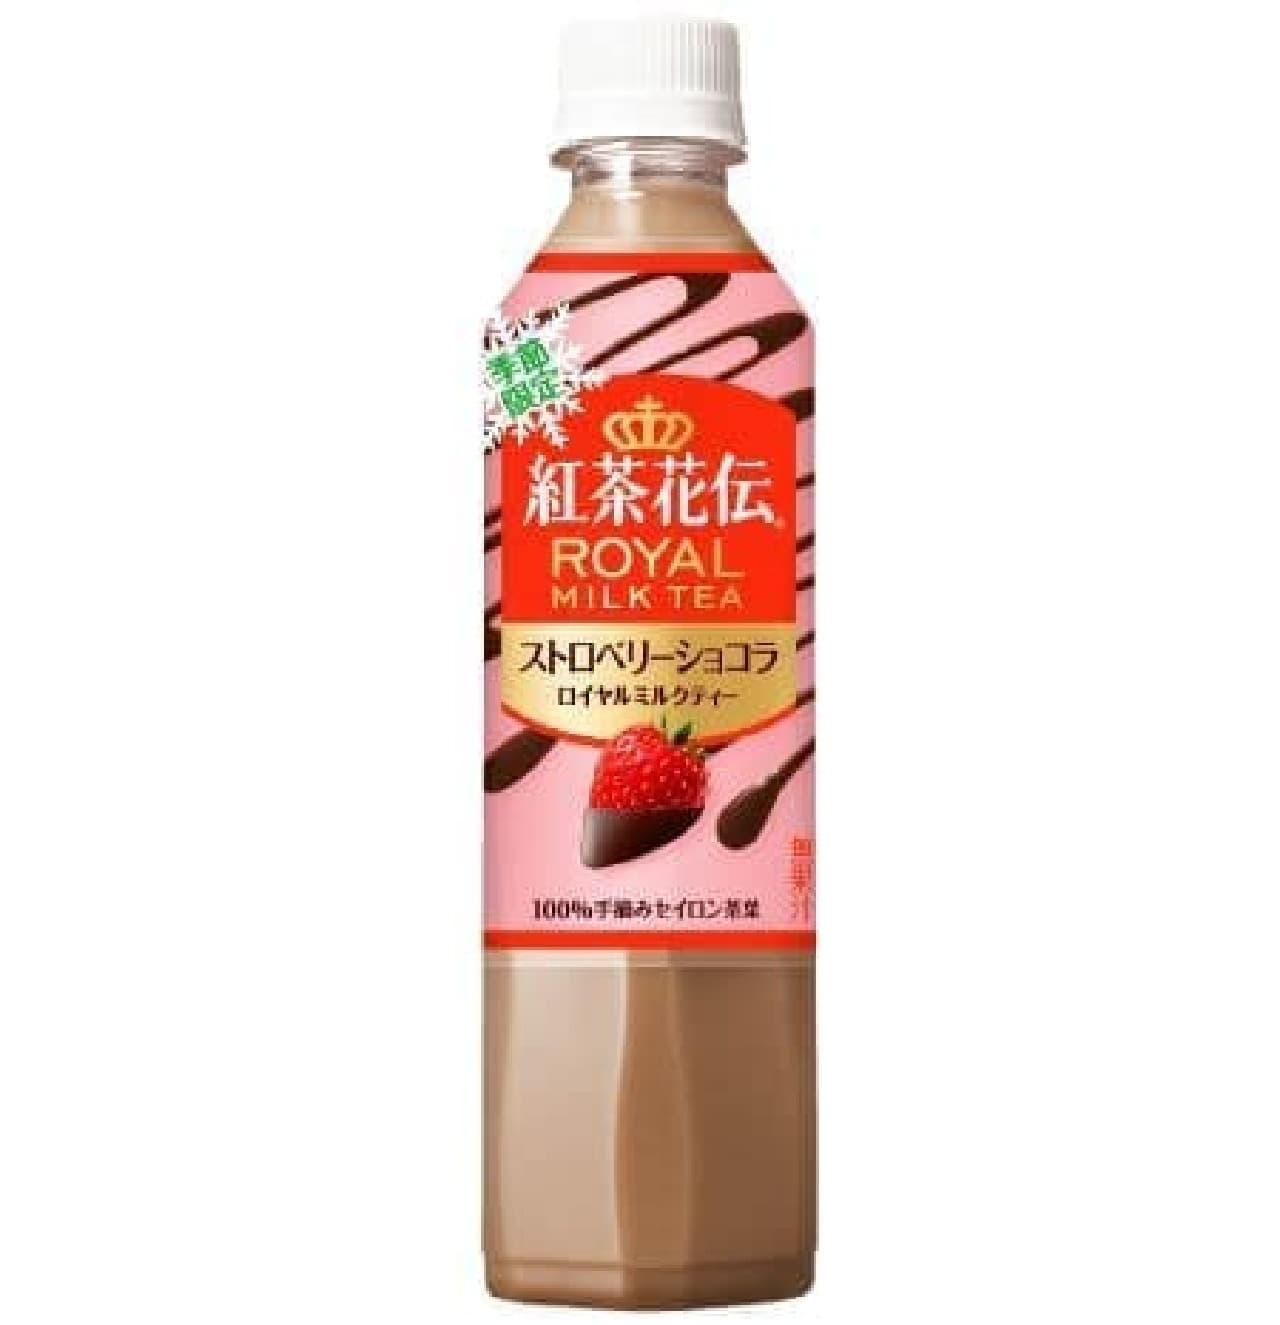 「紅茶花伝 ストロベリーショコラ ロイヤルミルクティー」は、ストロベリーの香りとチョコレートの贅沢な味わいを楽しめる紅茶飲料